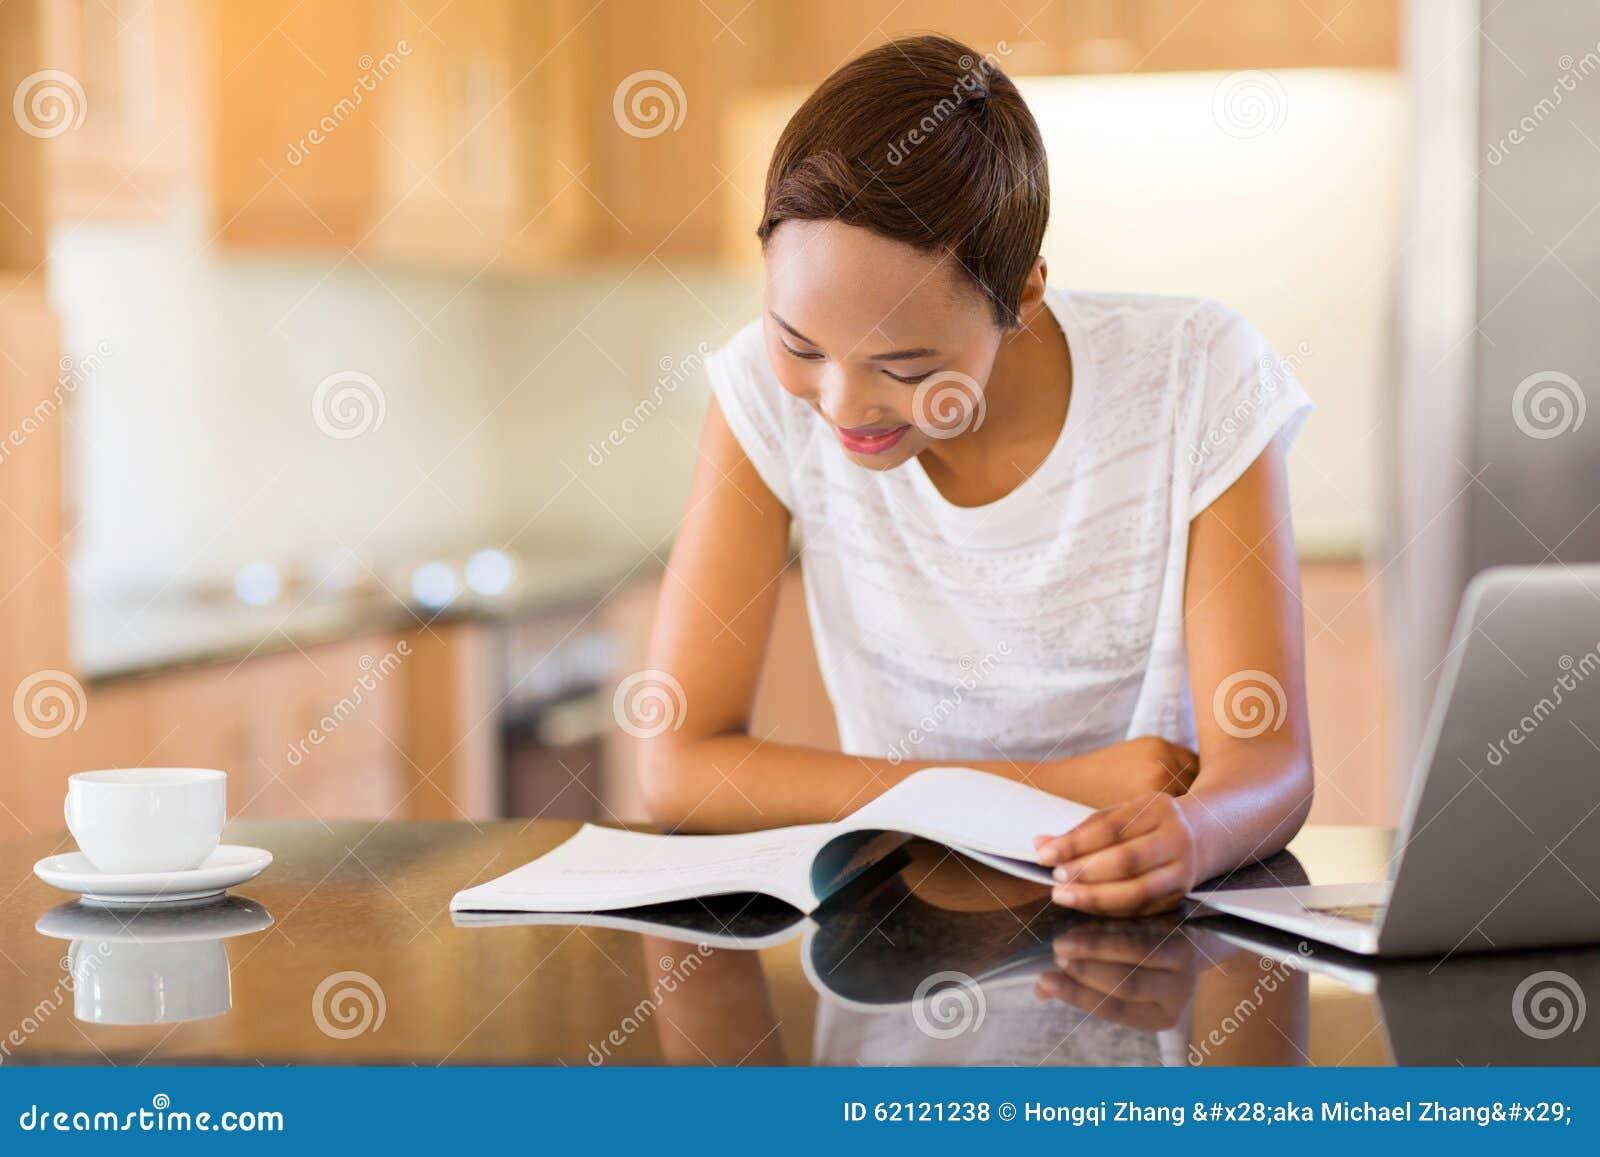 De lezing van het meisje thuis